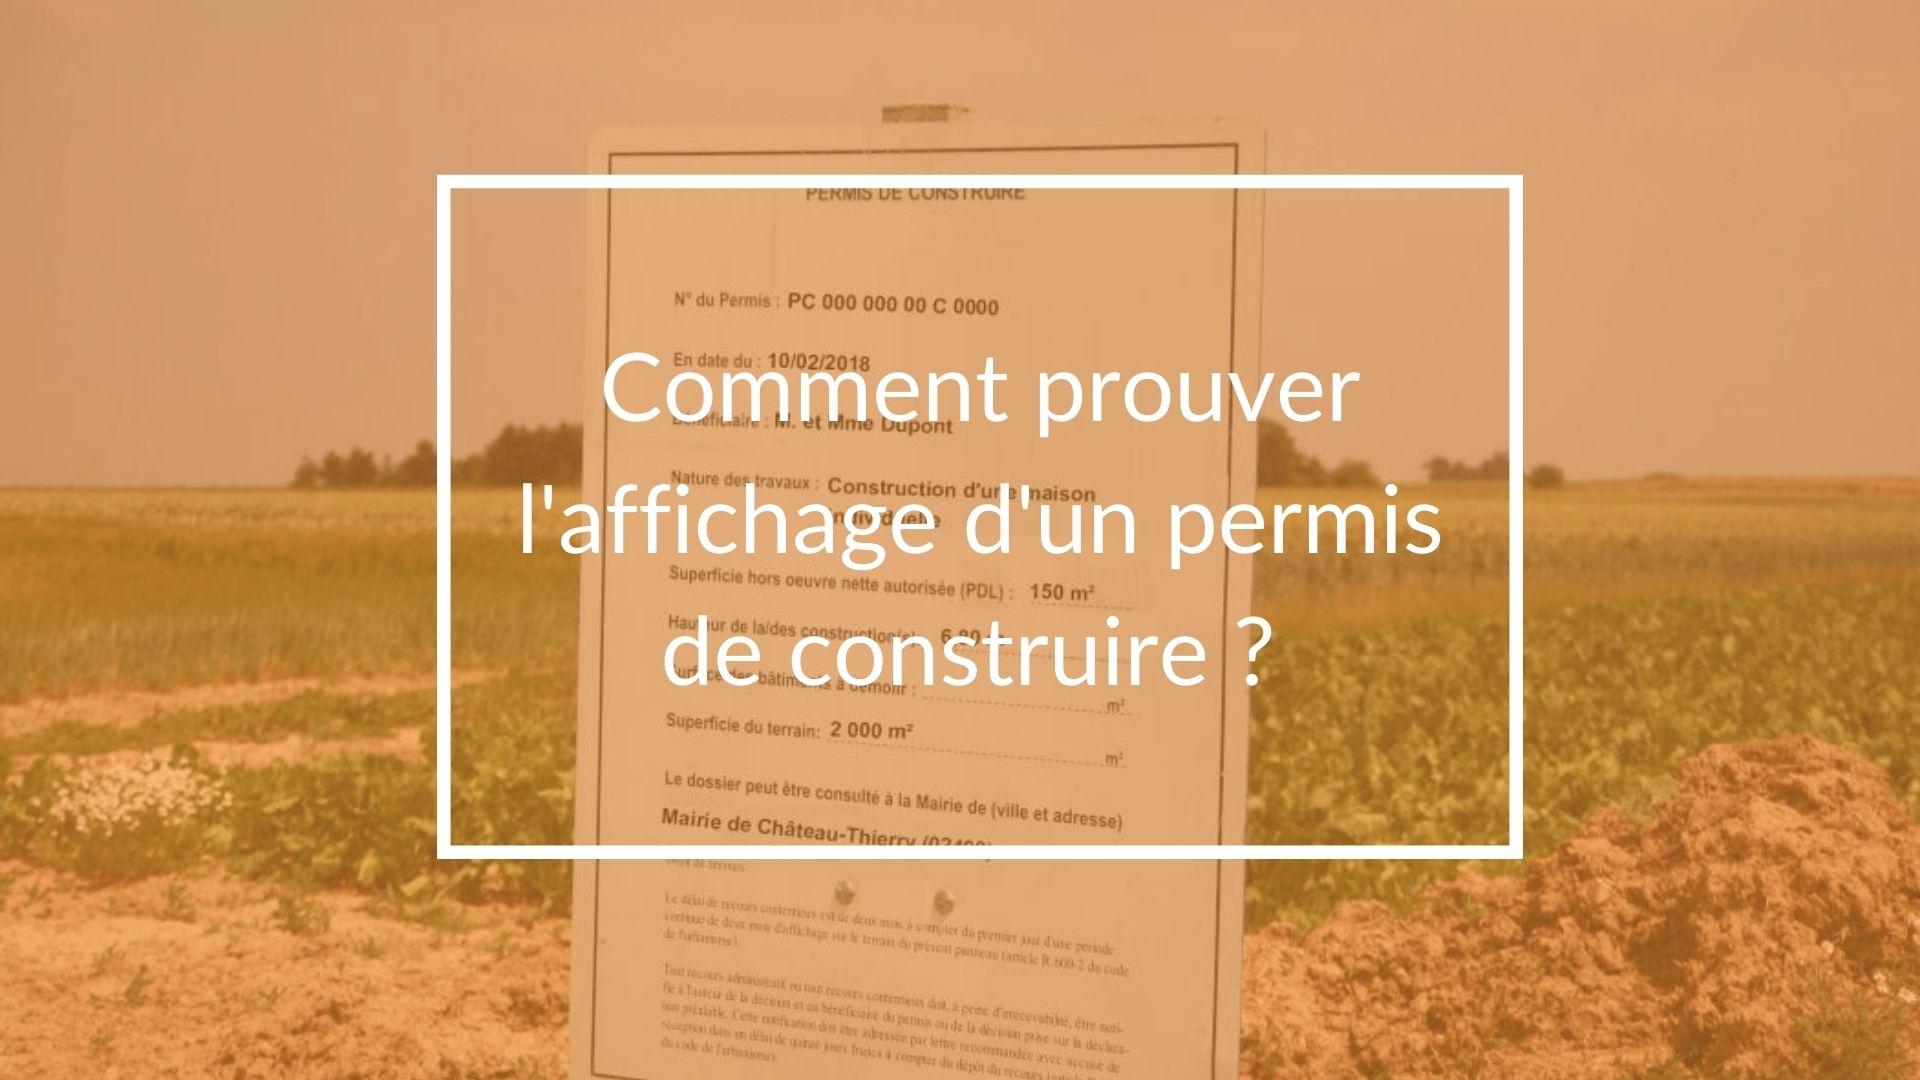 Comment peut-on prouver l'affichage d'un permis de construire ?